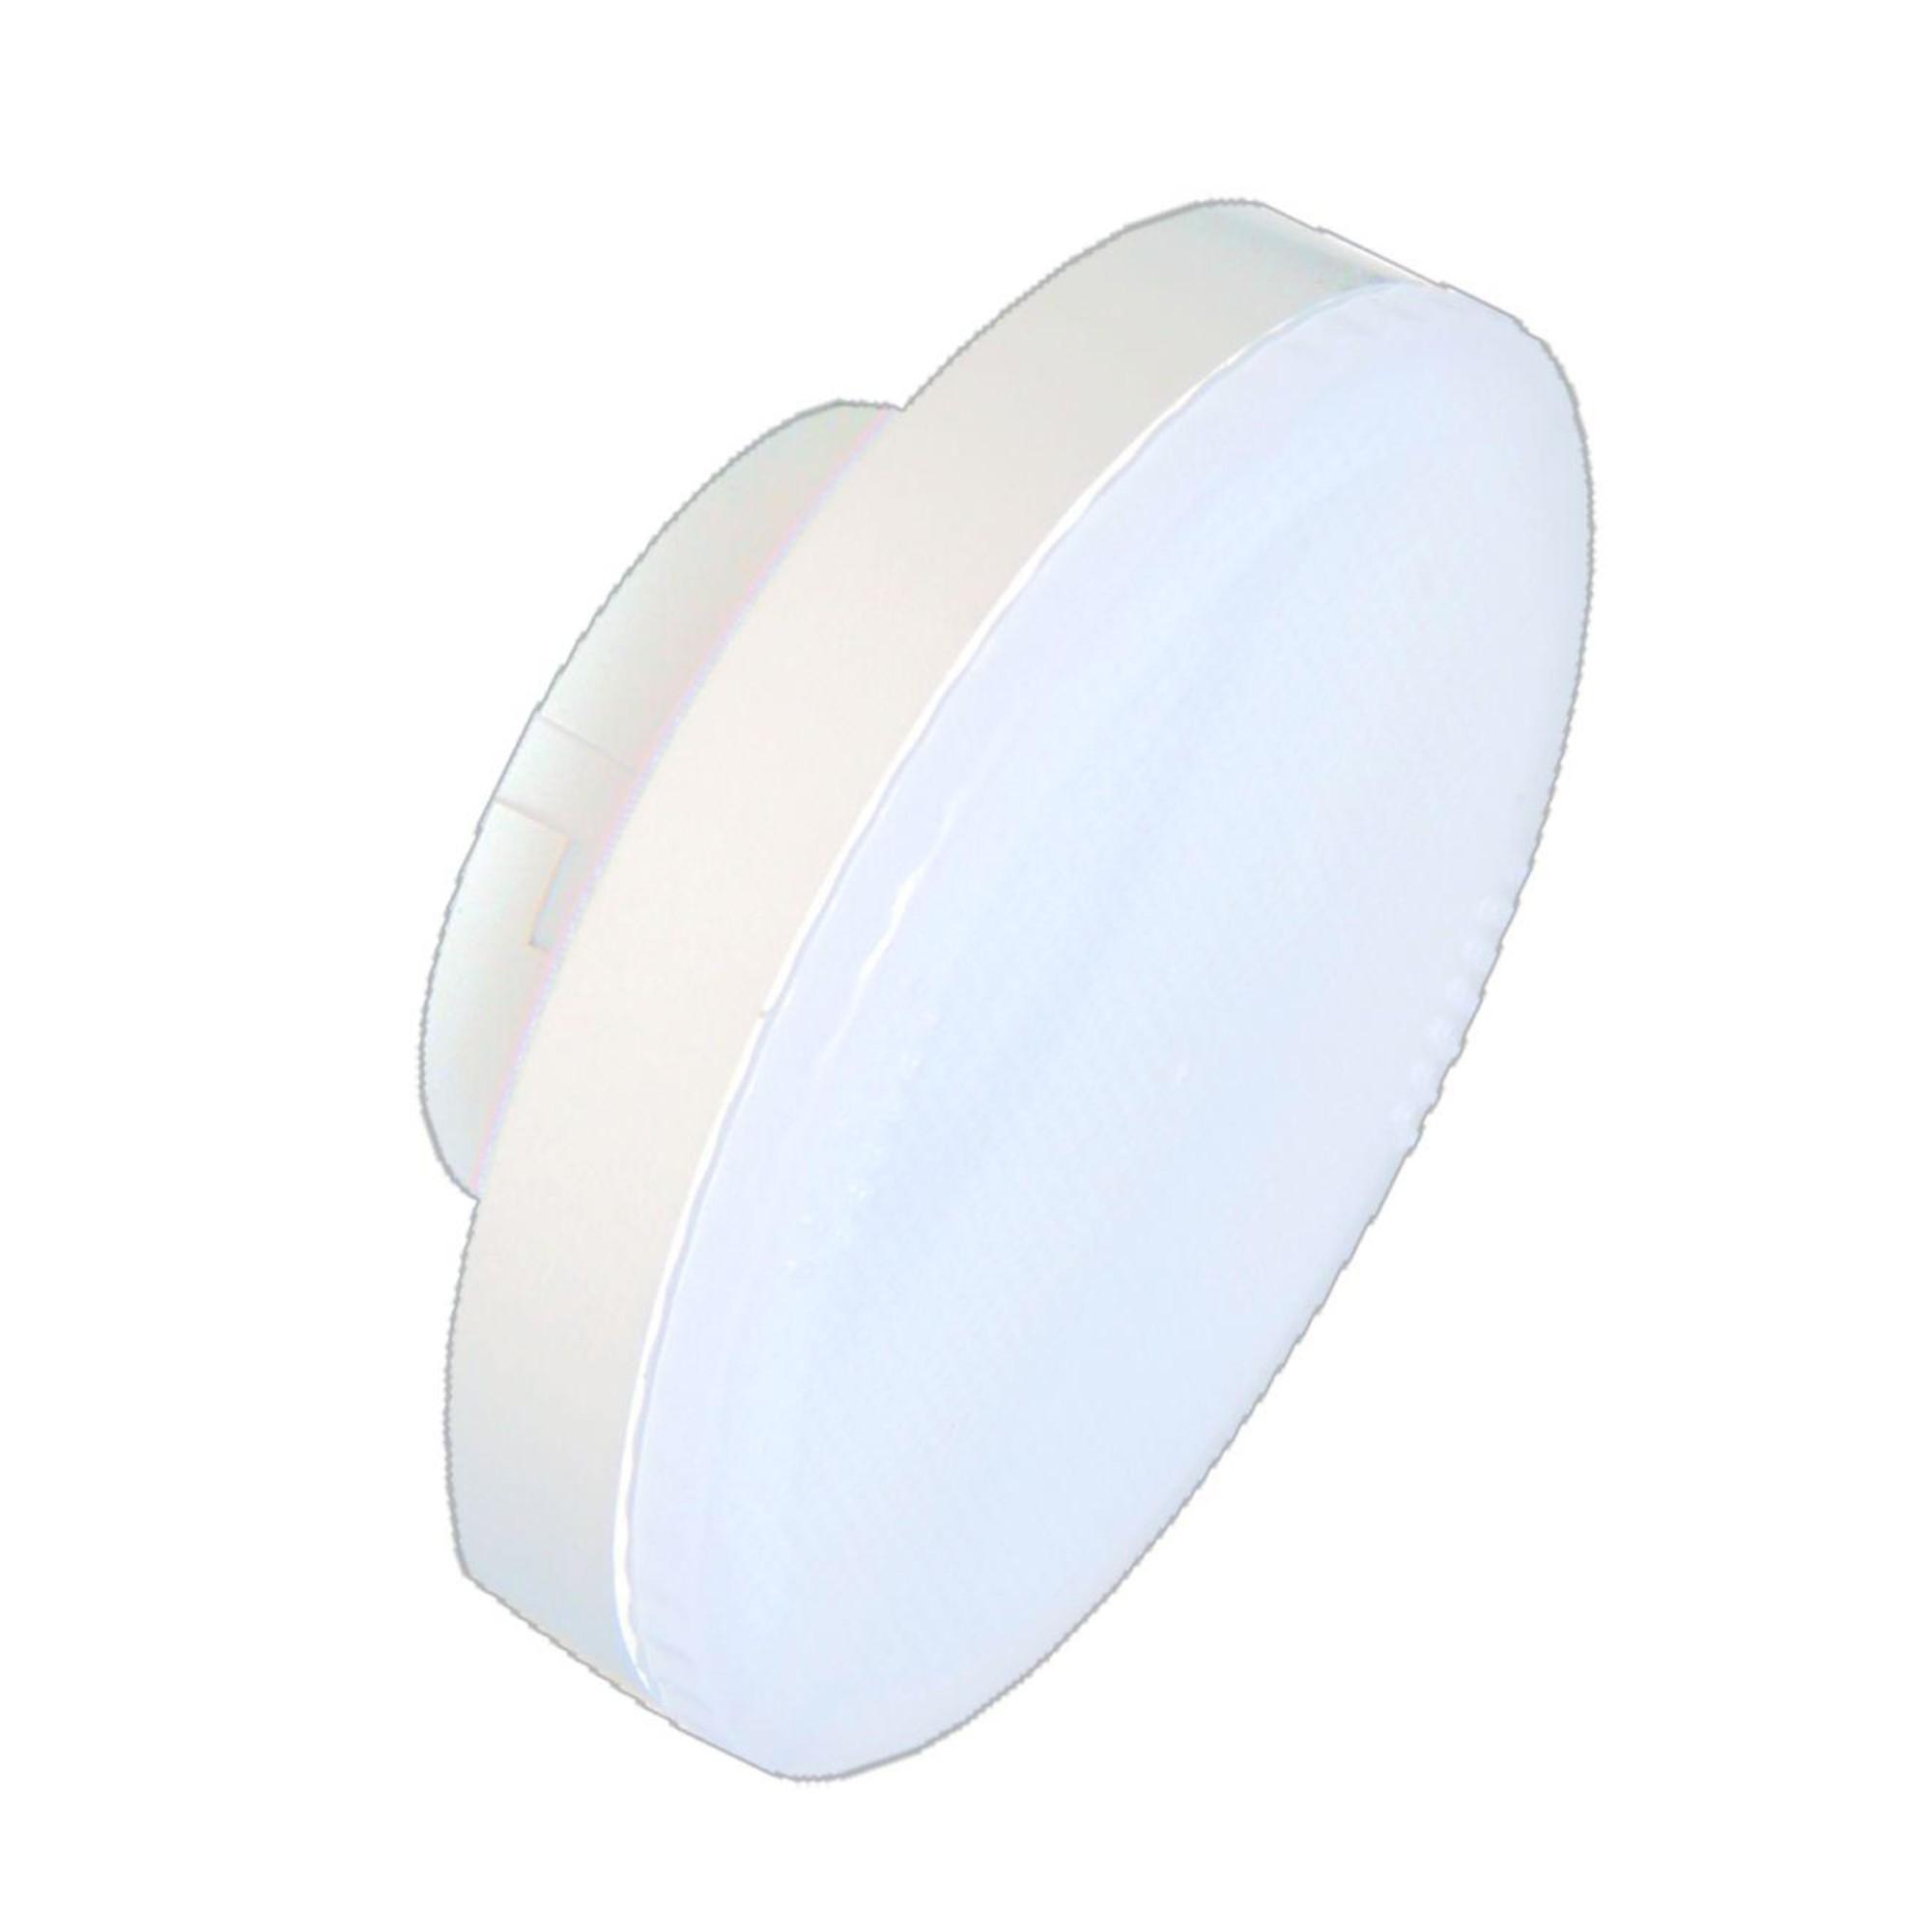 Лампа Ecola стандарт светодионая GX53 10 Вт таблетка 800 Лм теплый свет